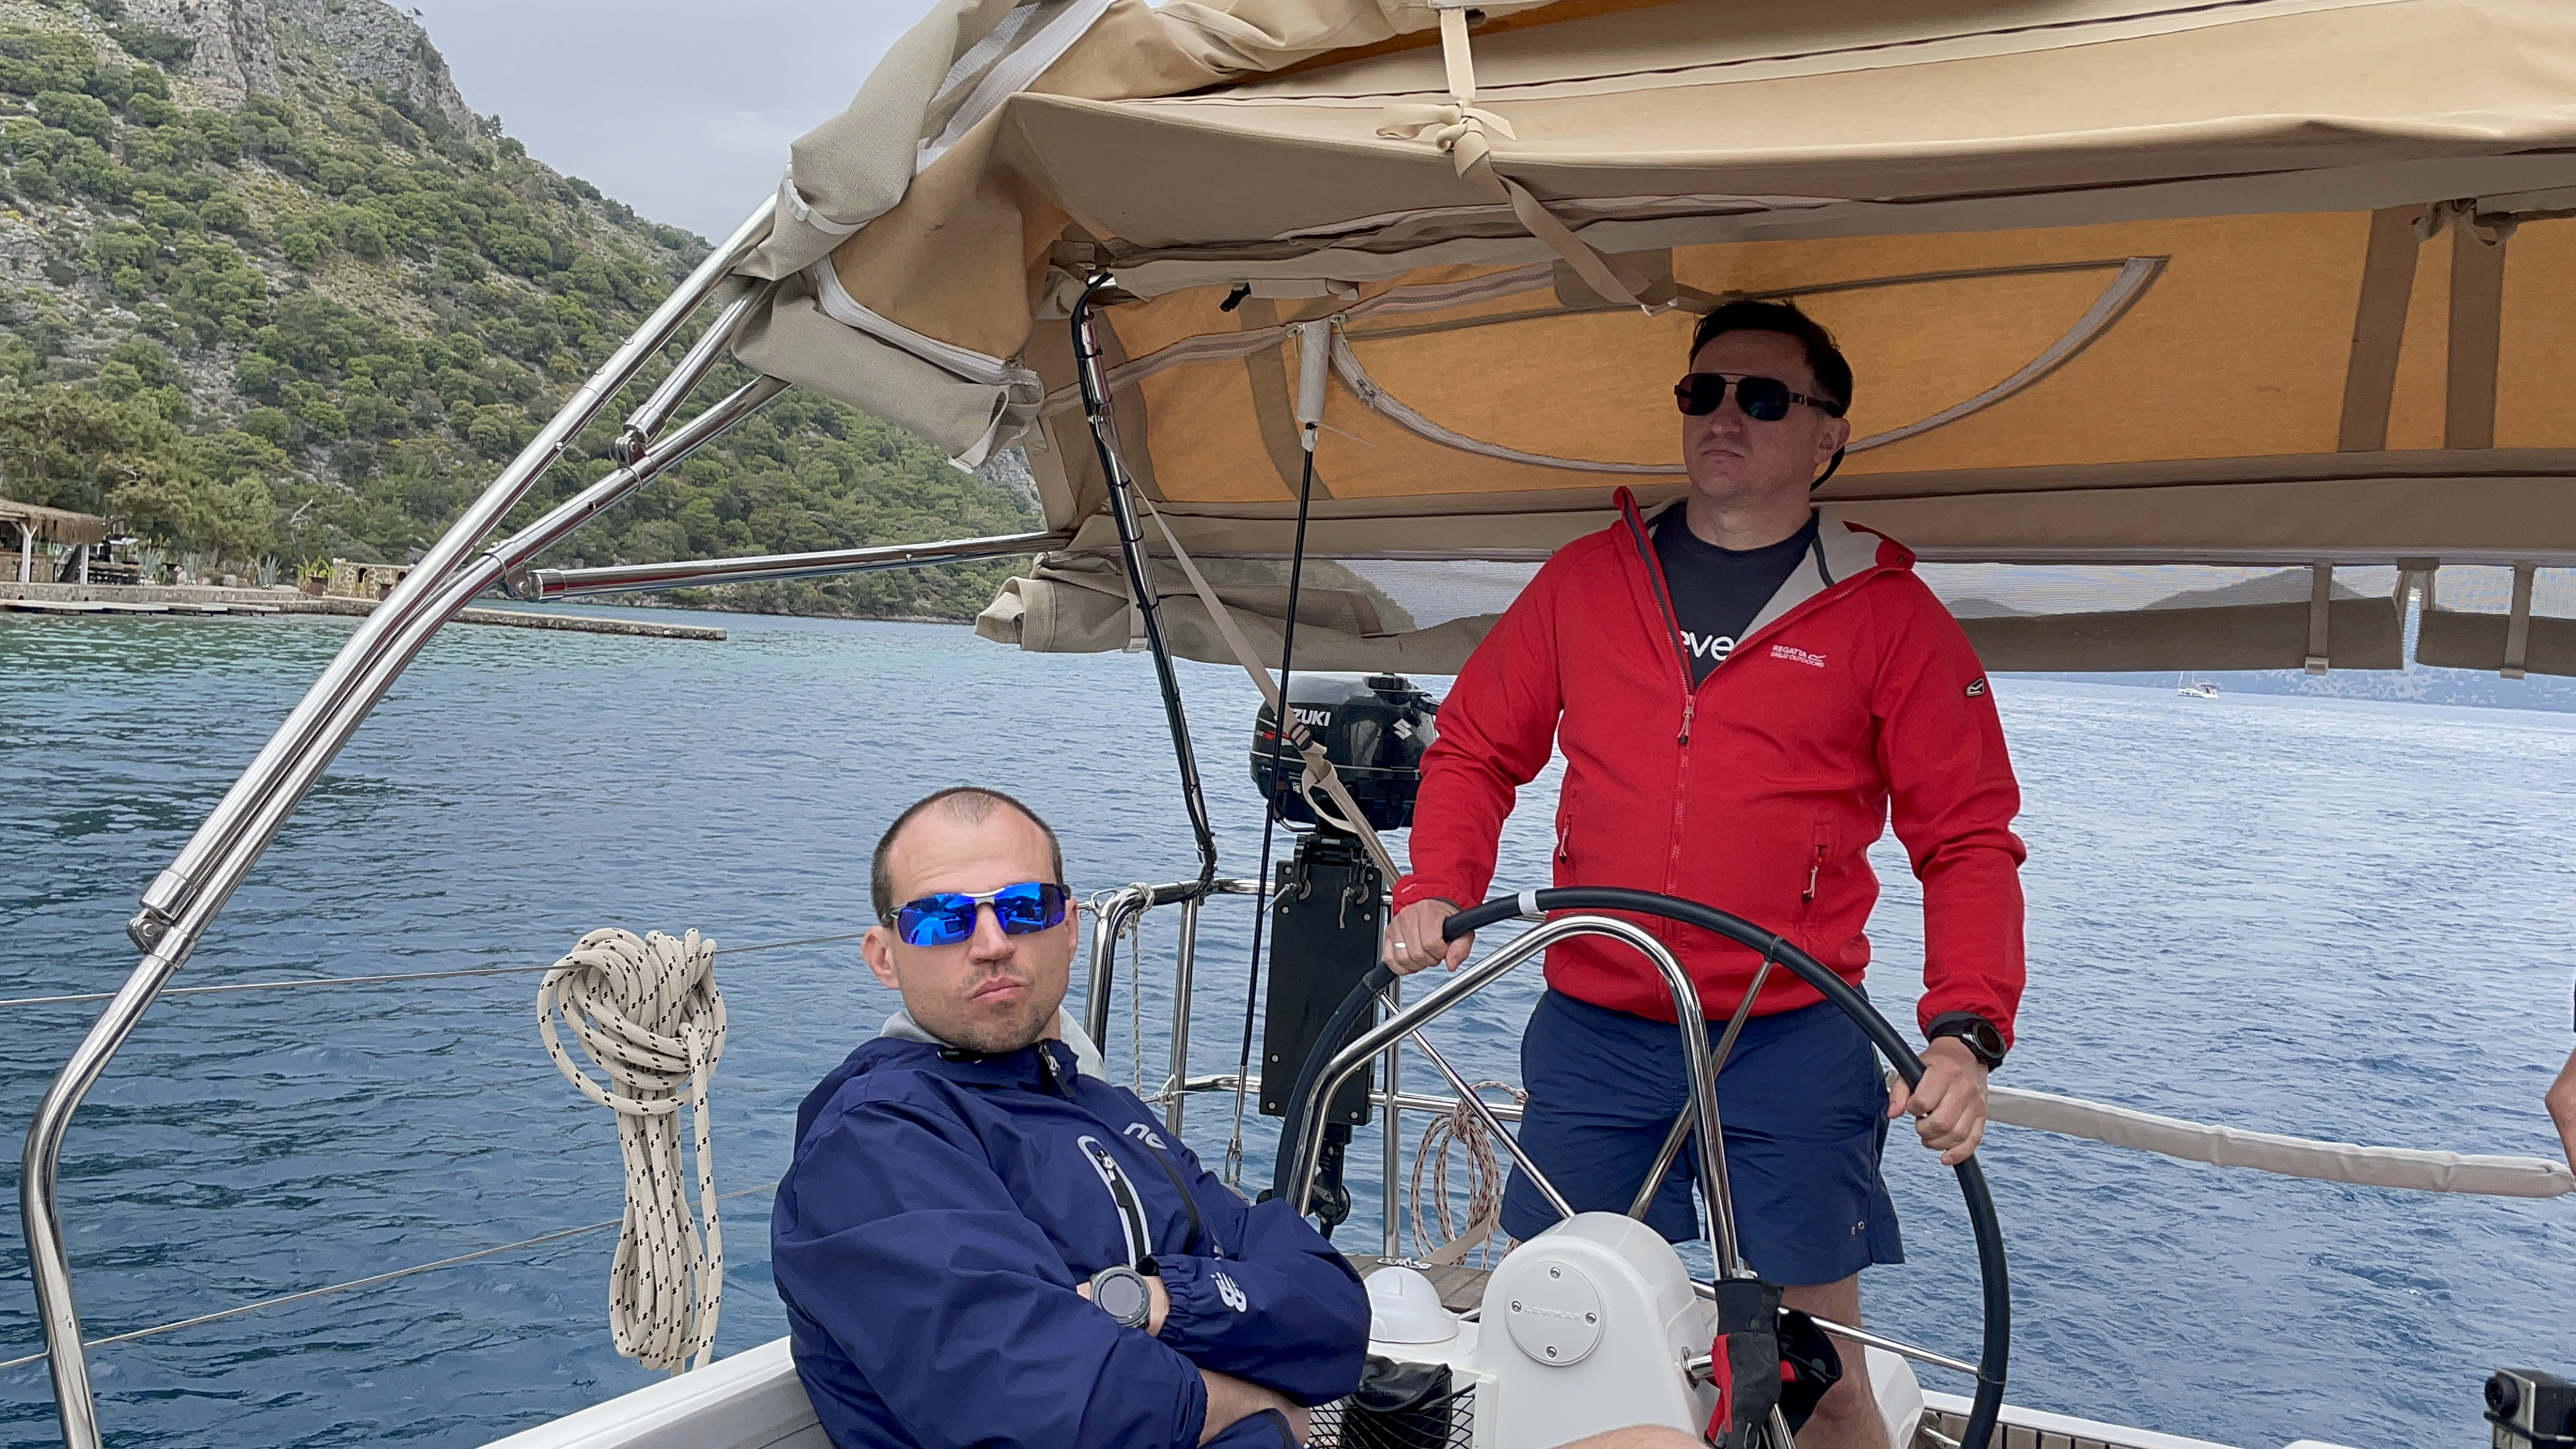 sevenpics presents - Sailing time